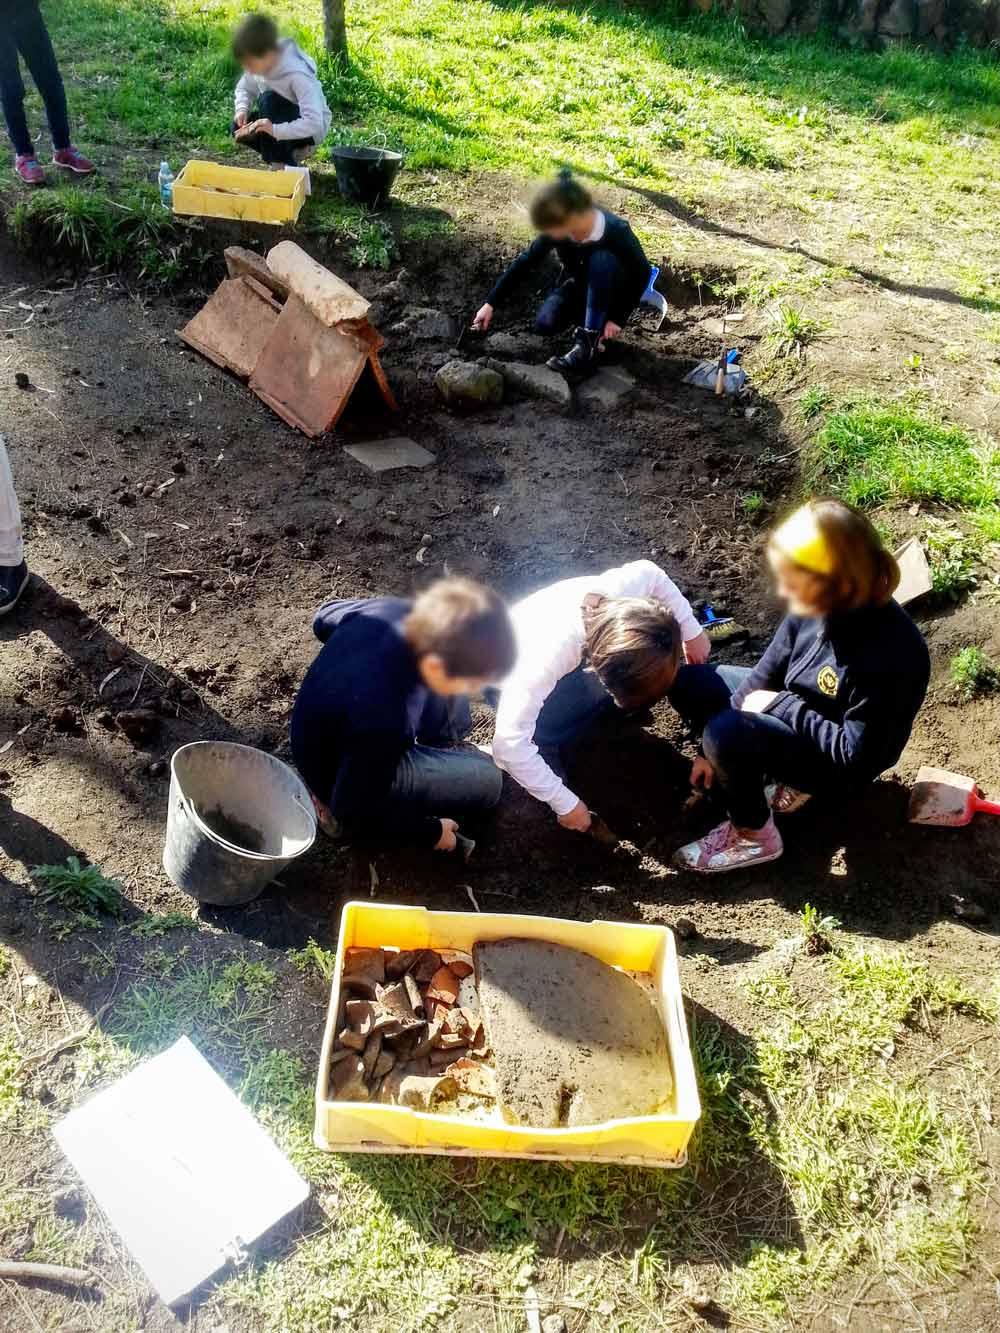 Museo Apr - Lo scavo archeologico - Laboratorio didattico_113544